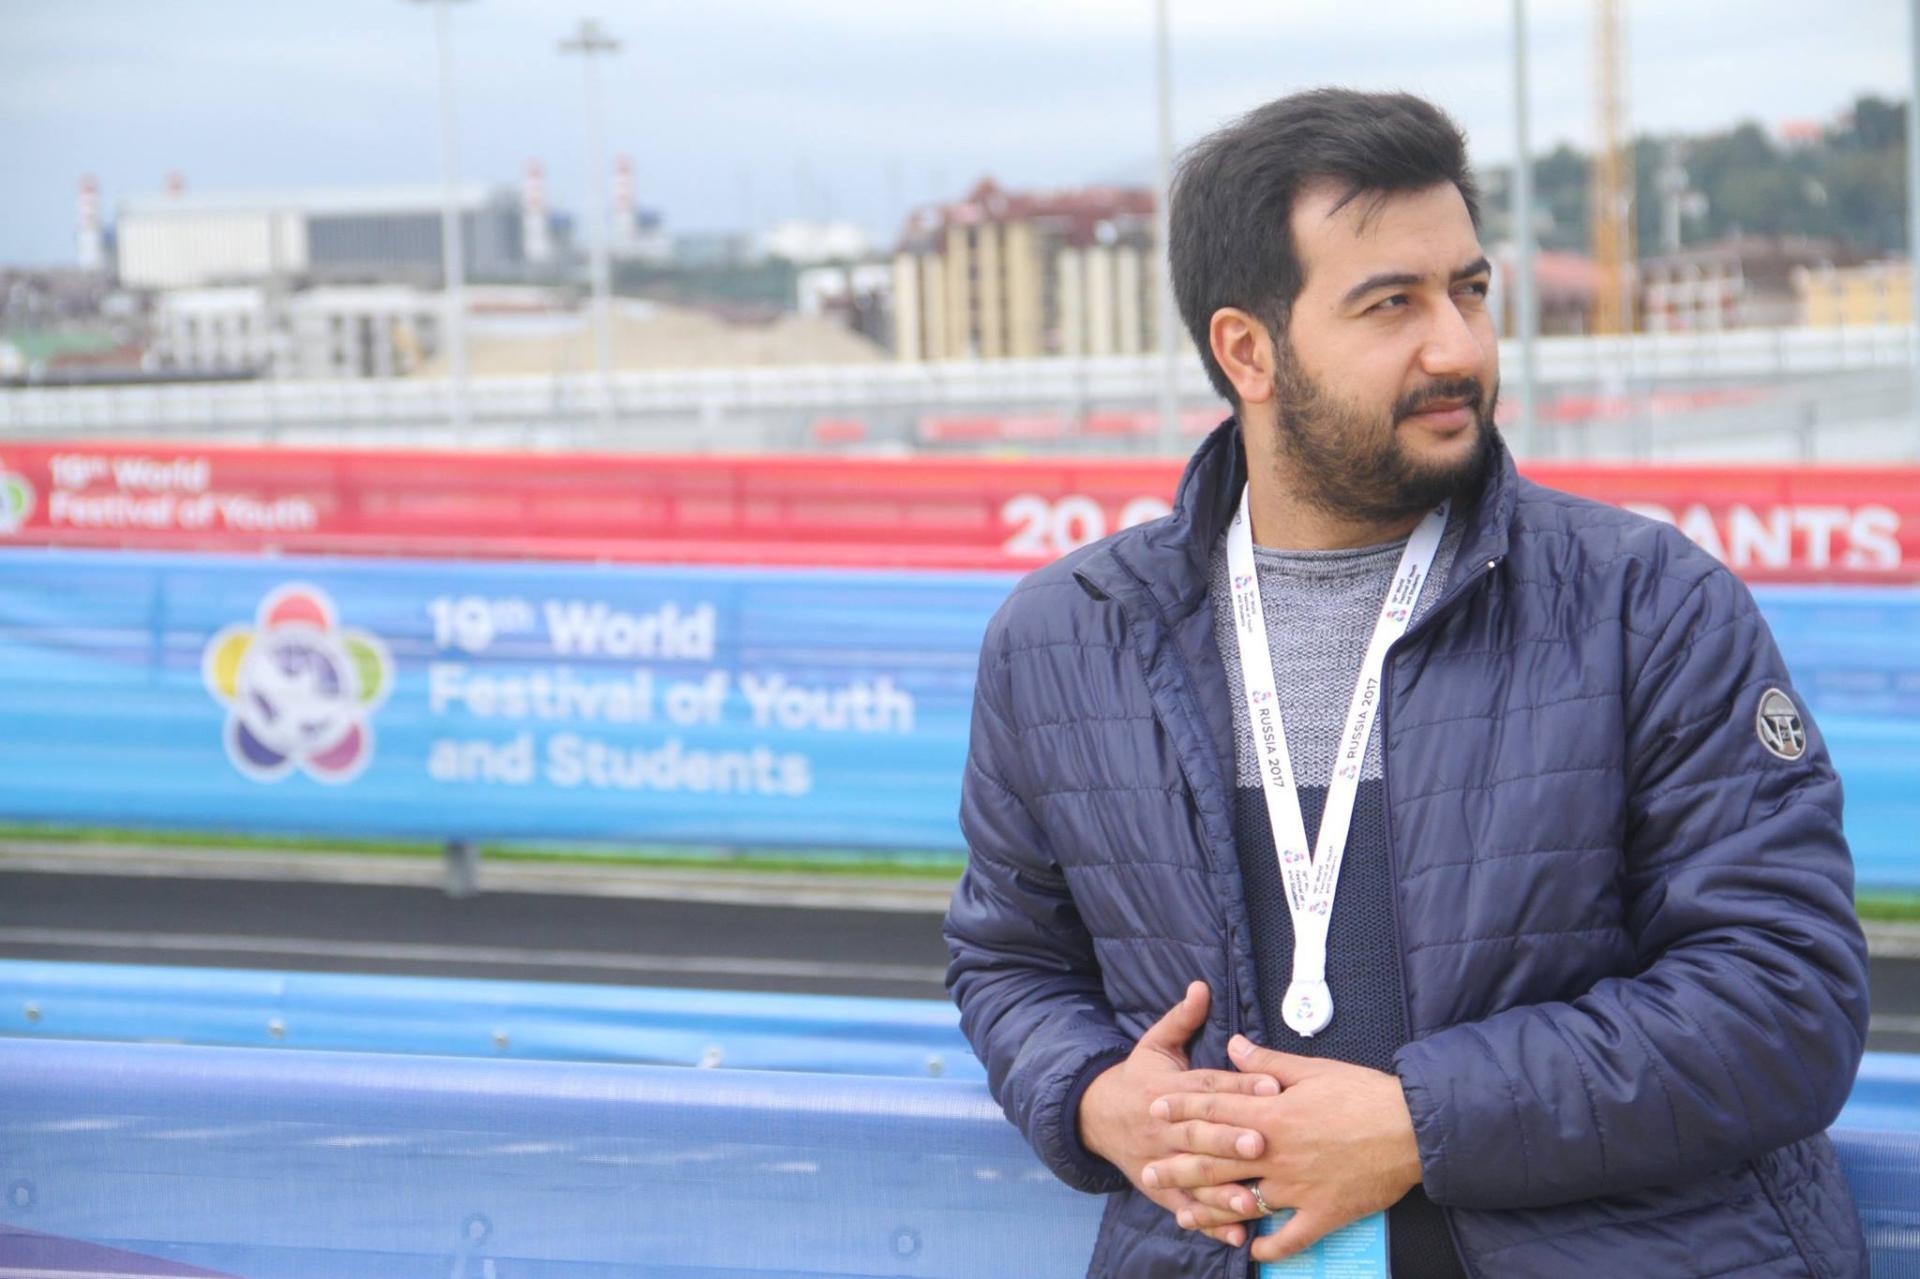 Айшад Сафарлиев: Учиться во ВГИКе – это как жить в Ичери шехер (ФОТО)